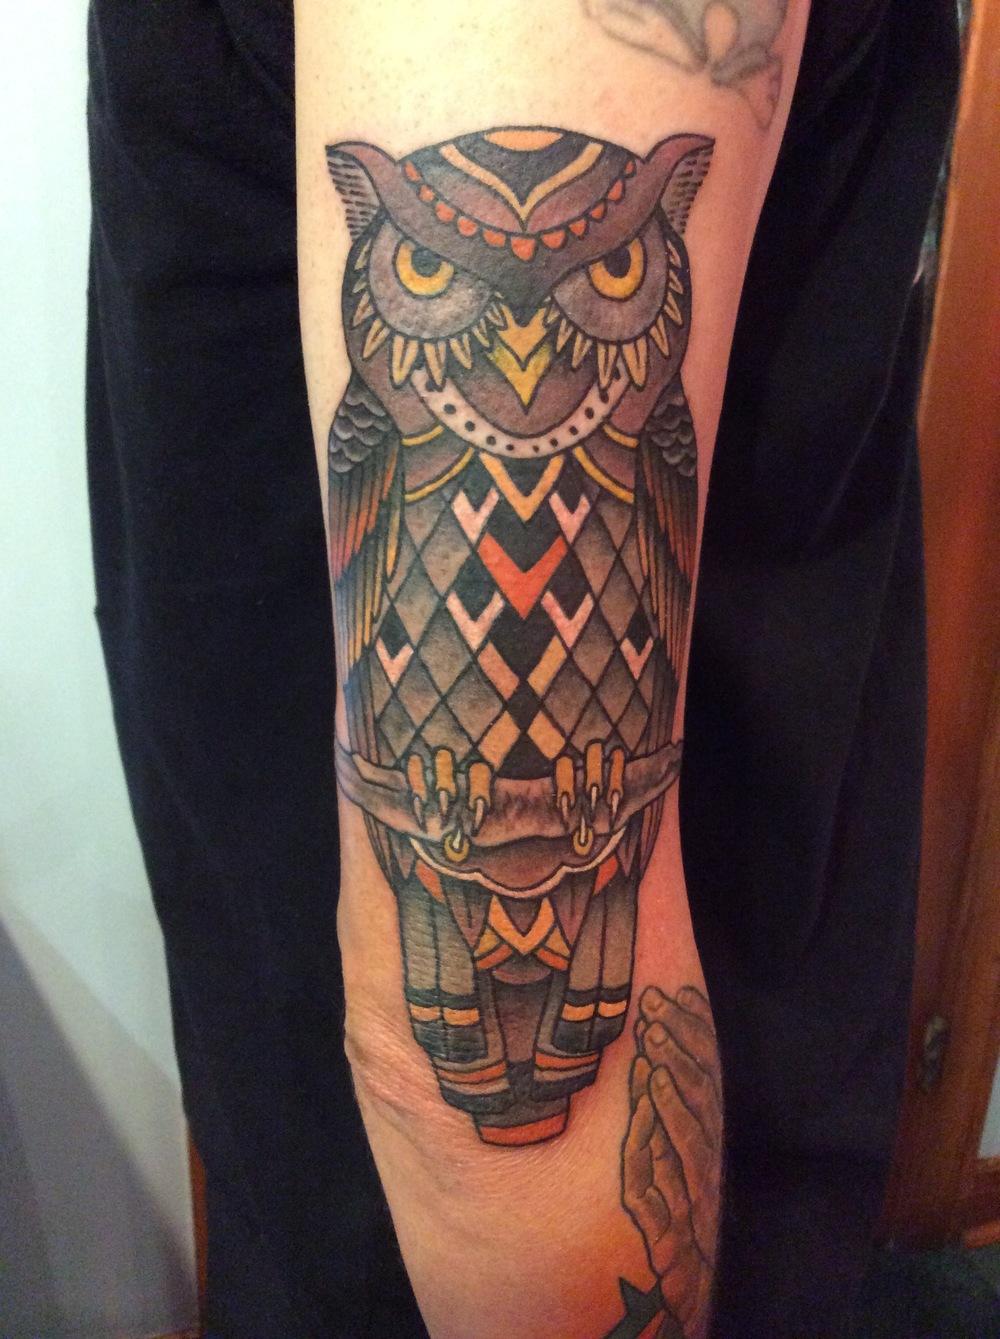 Tr_owl_tattoo.jpg